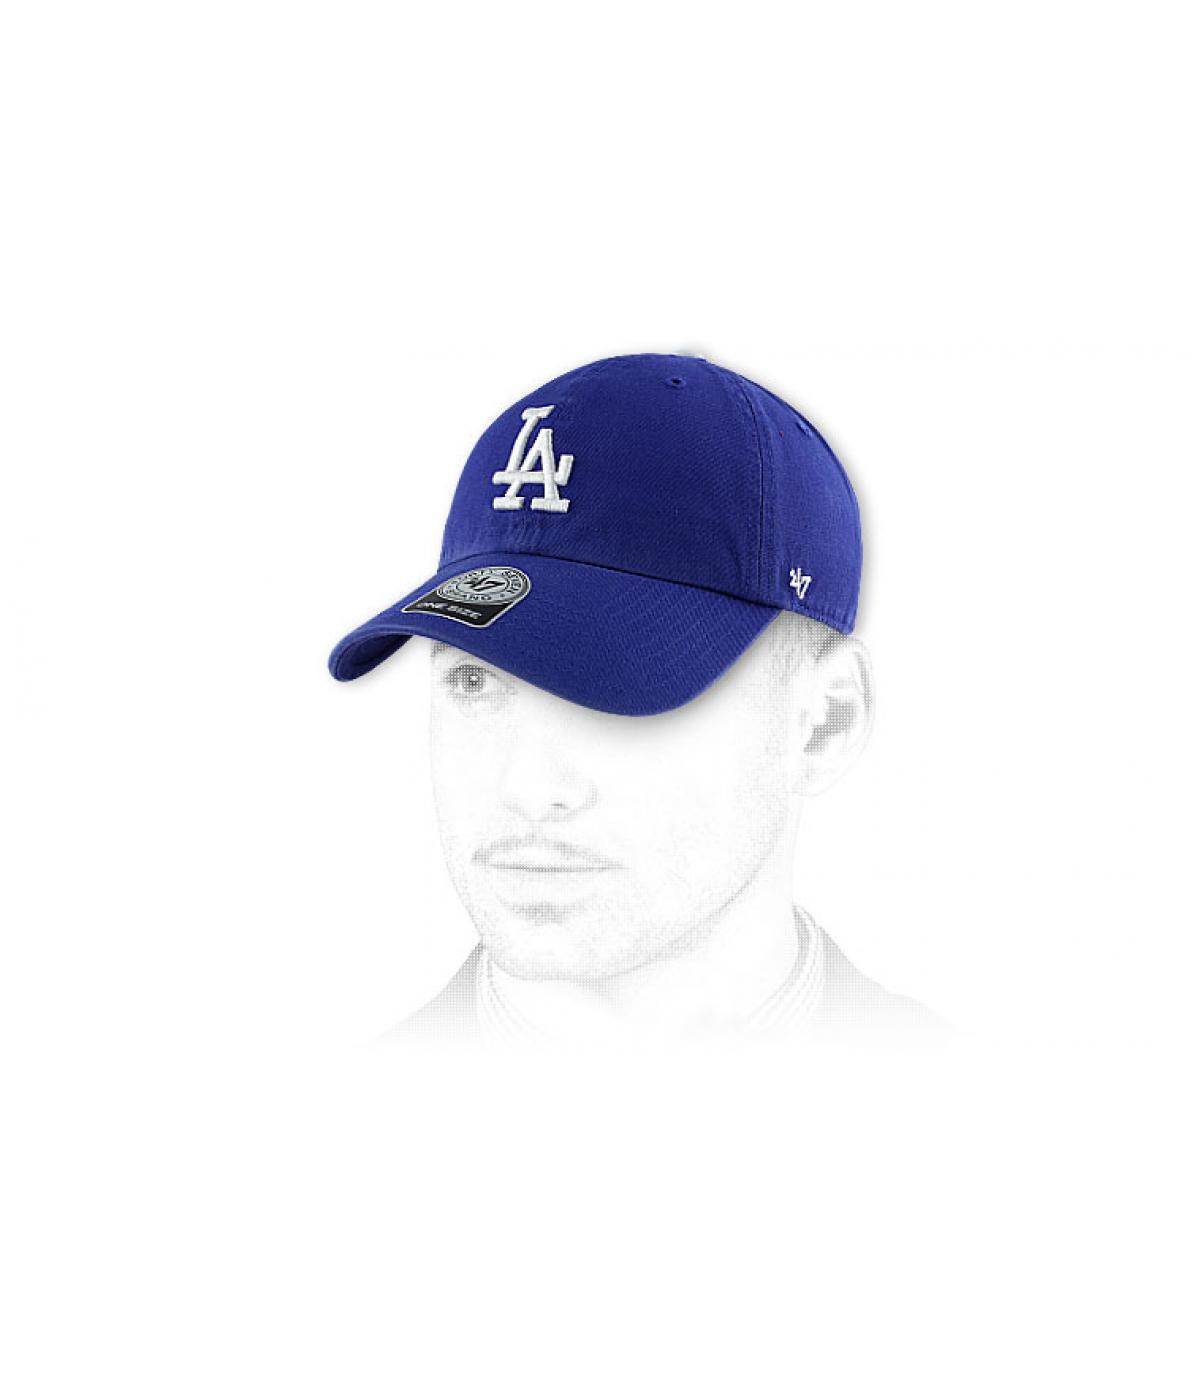 casquette visière courbée la bleu